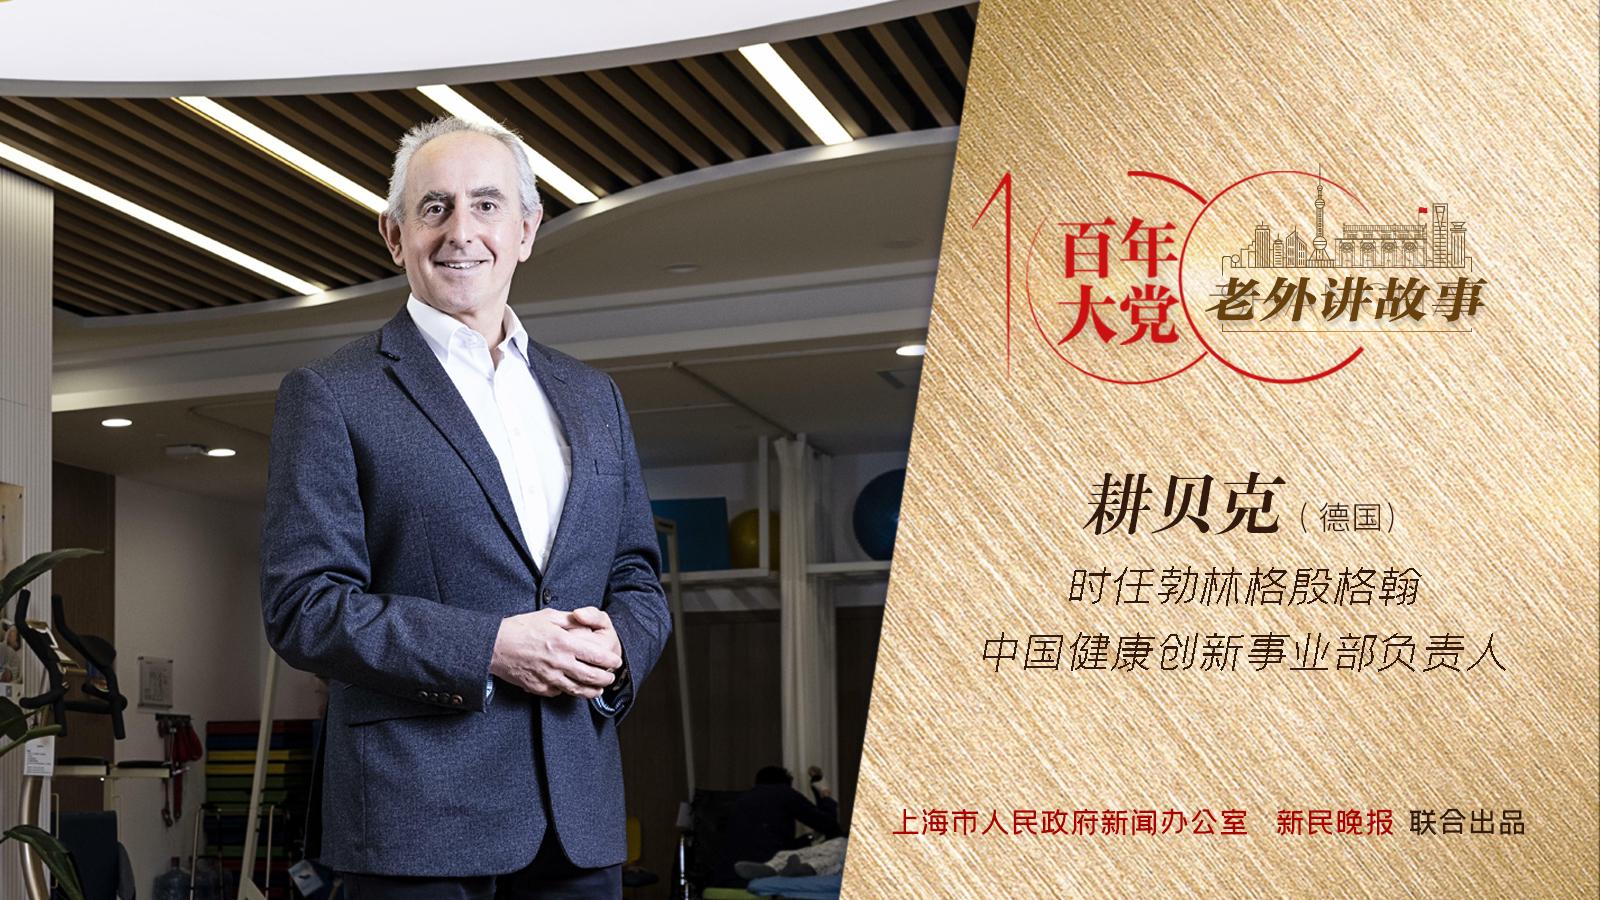 第70期 | 耕贝克:到上海工作,是令人羡慕的